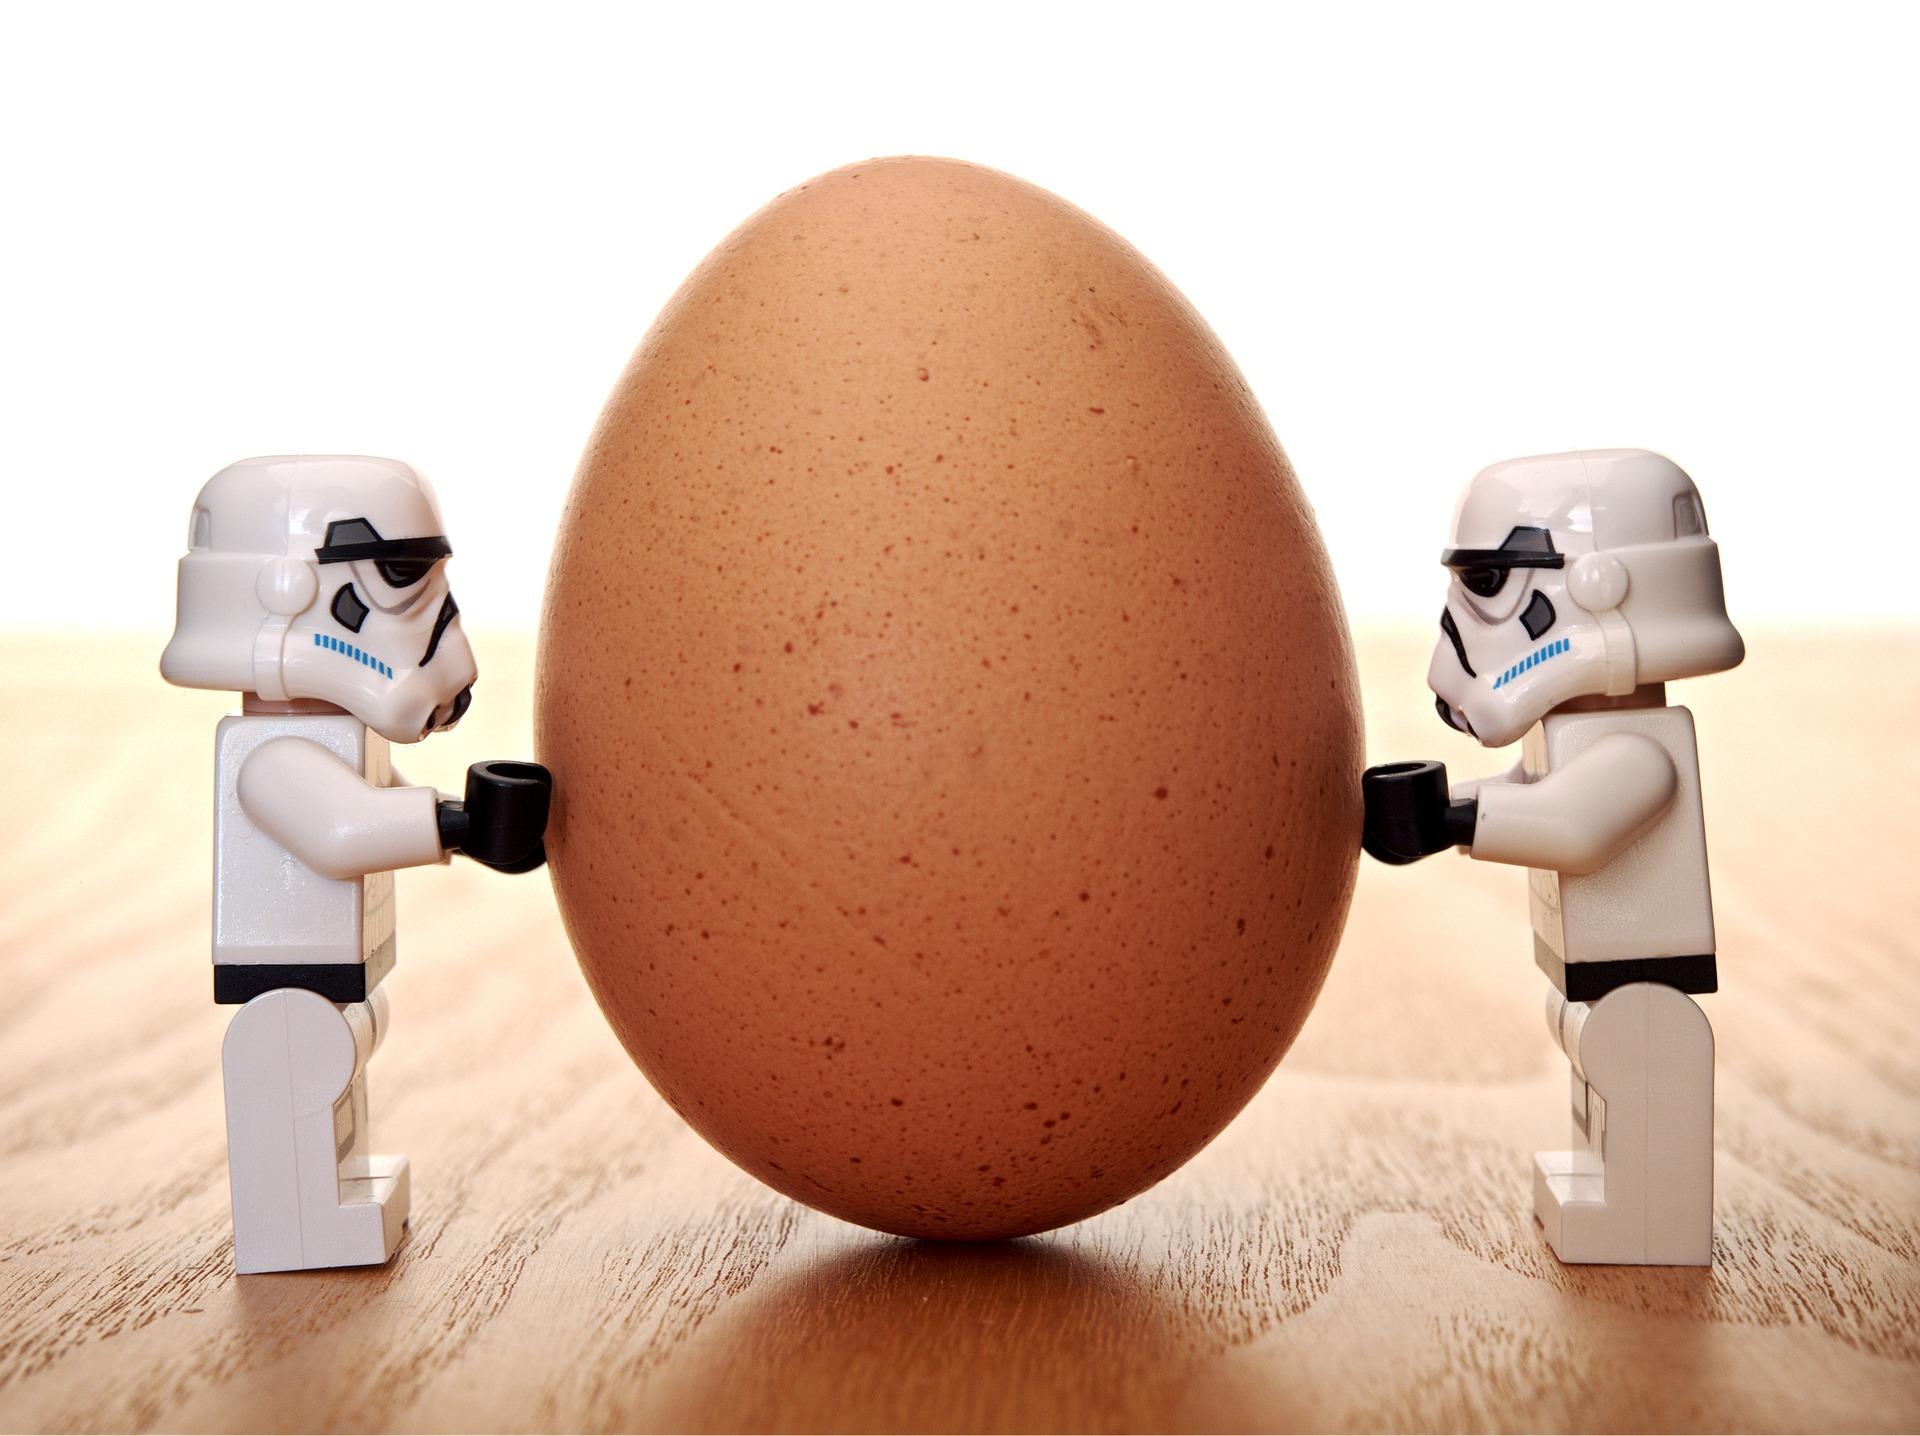 Lego egg